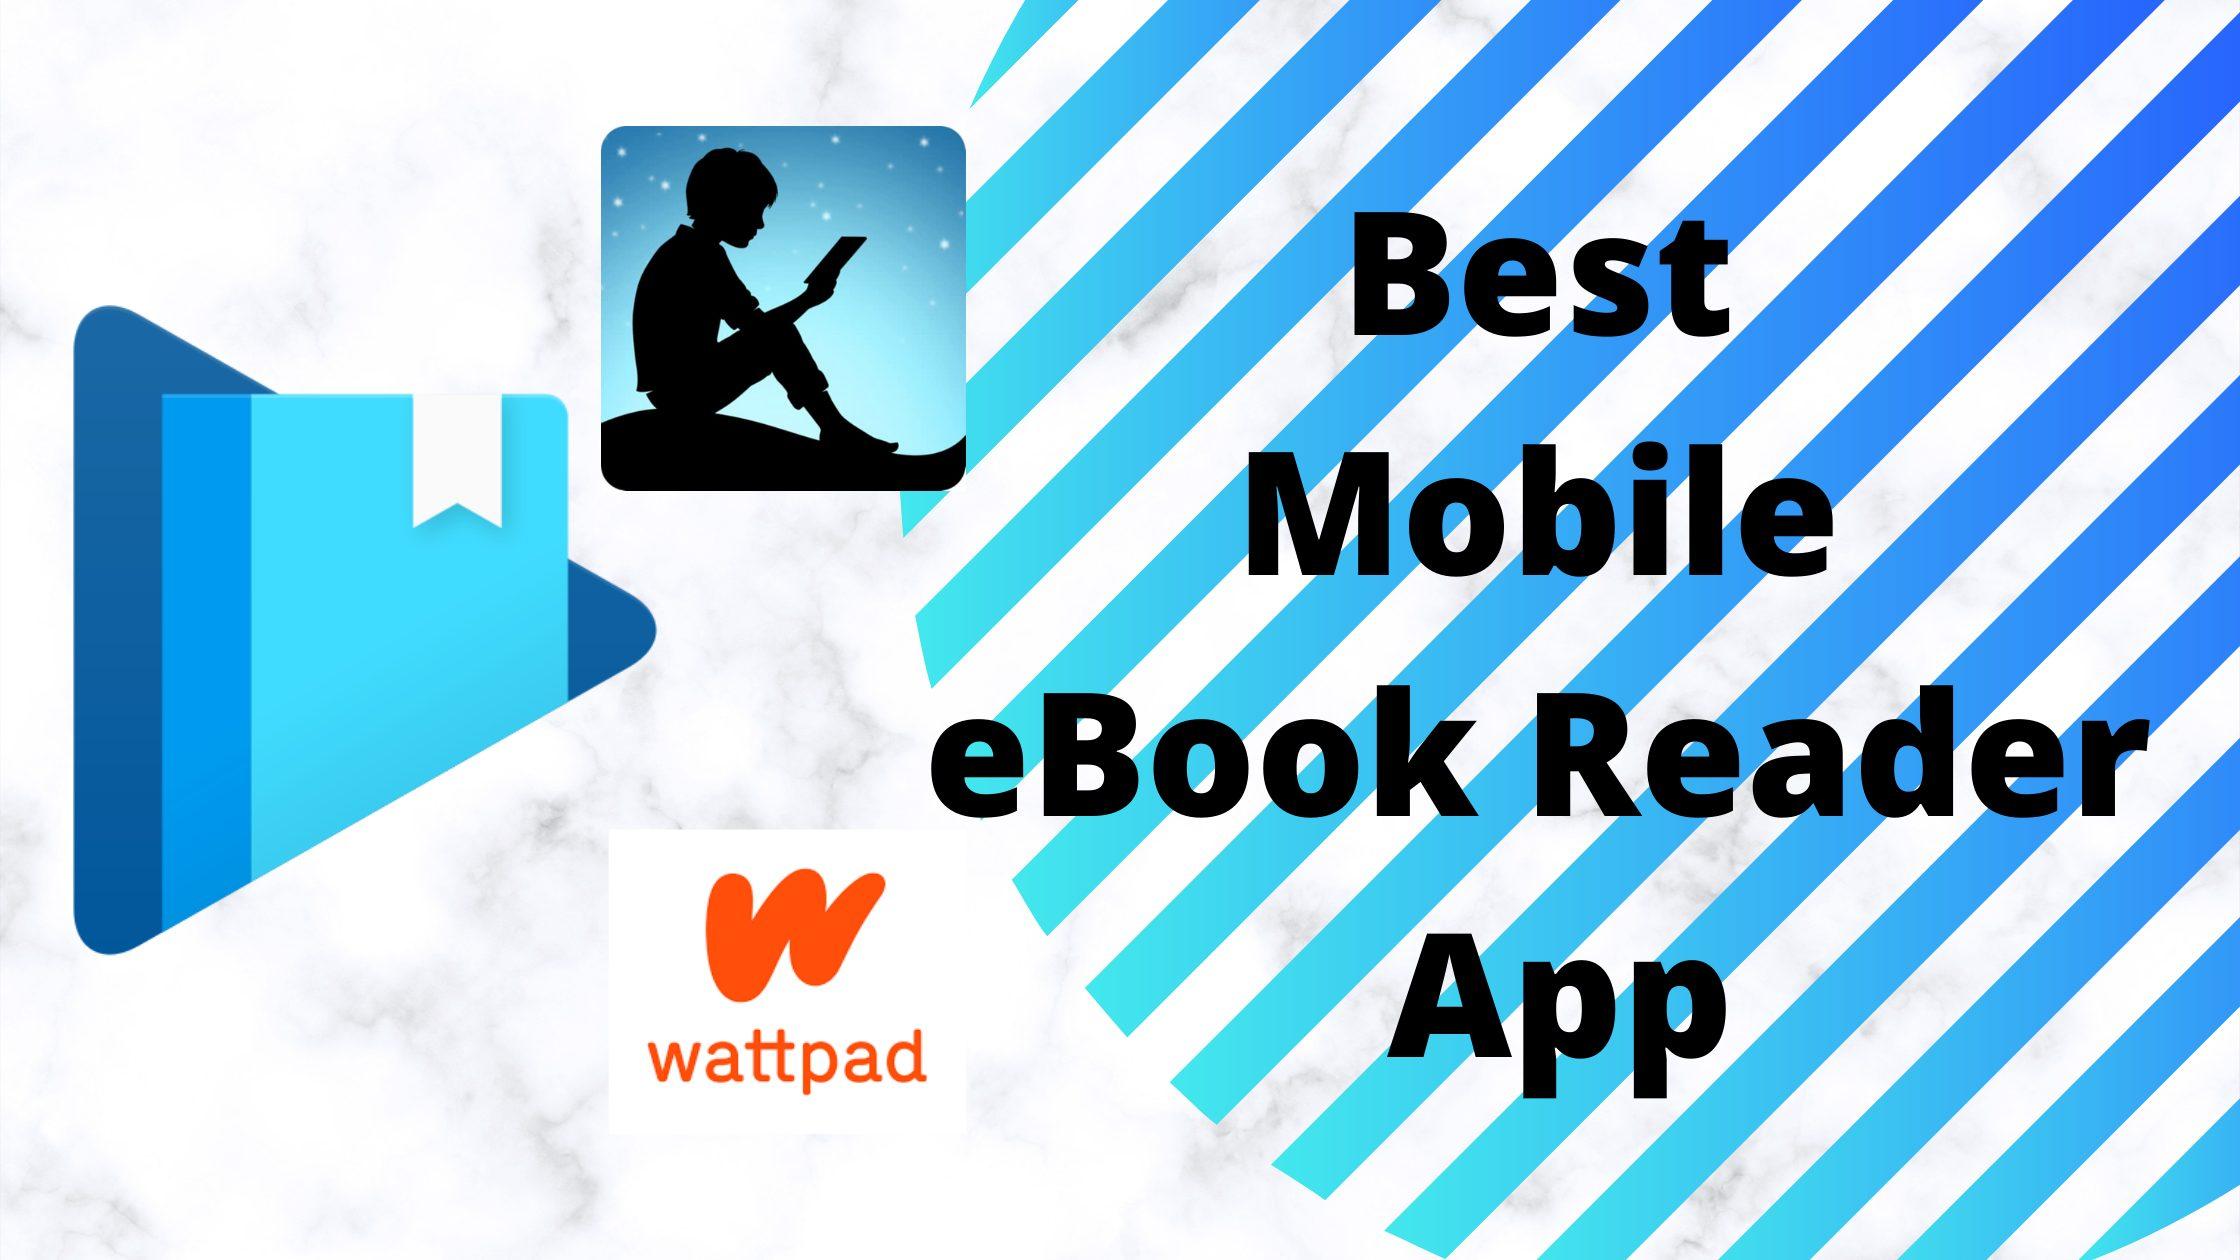 Best Mobile eBook Reader App